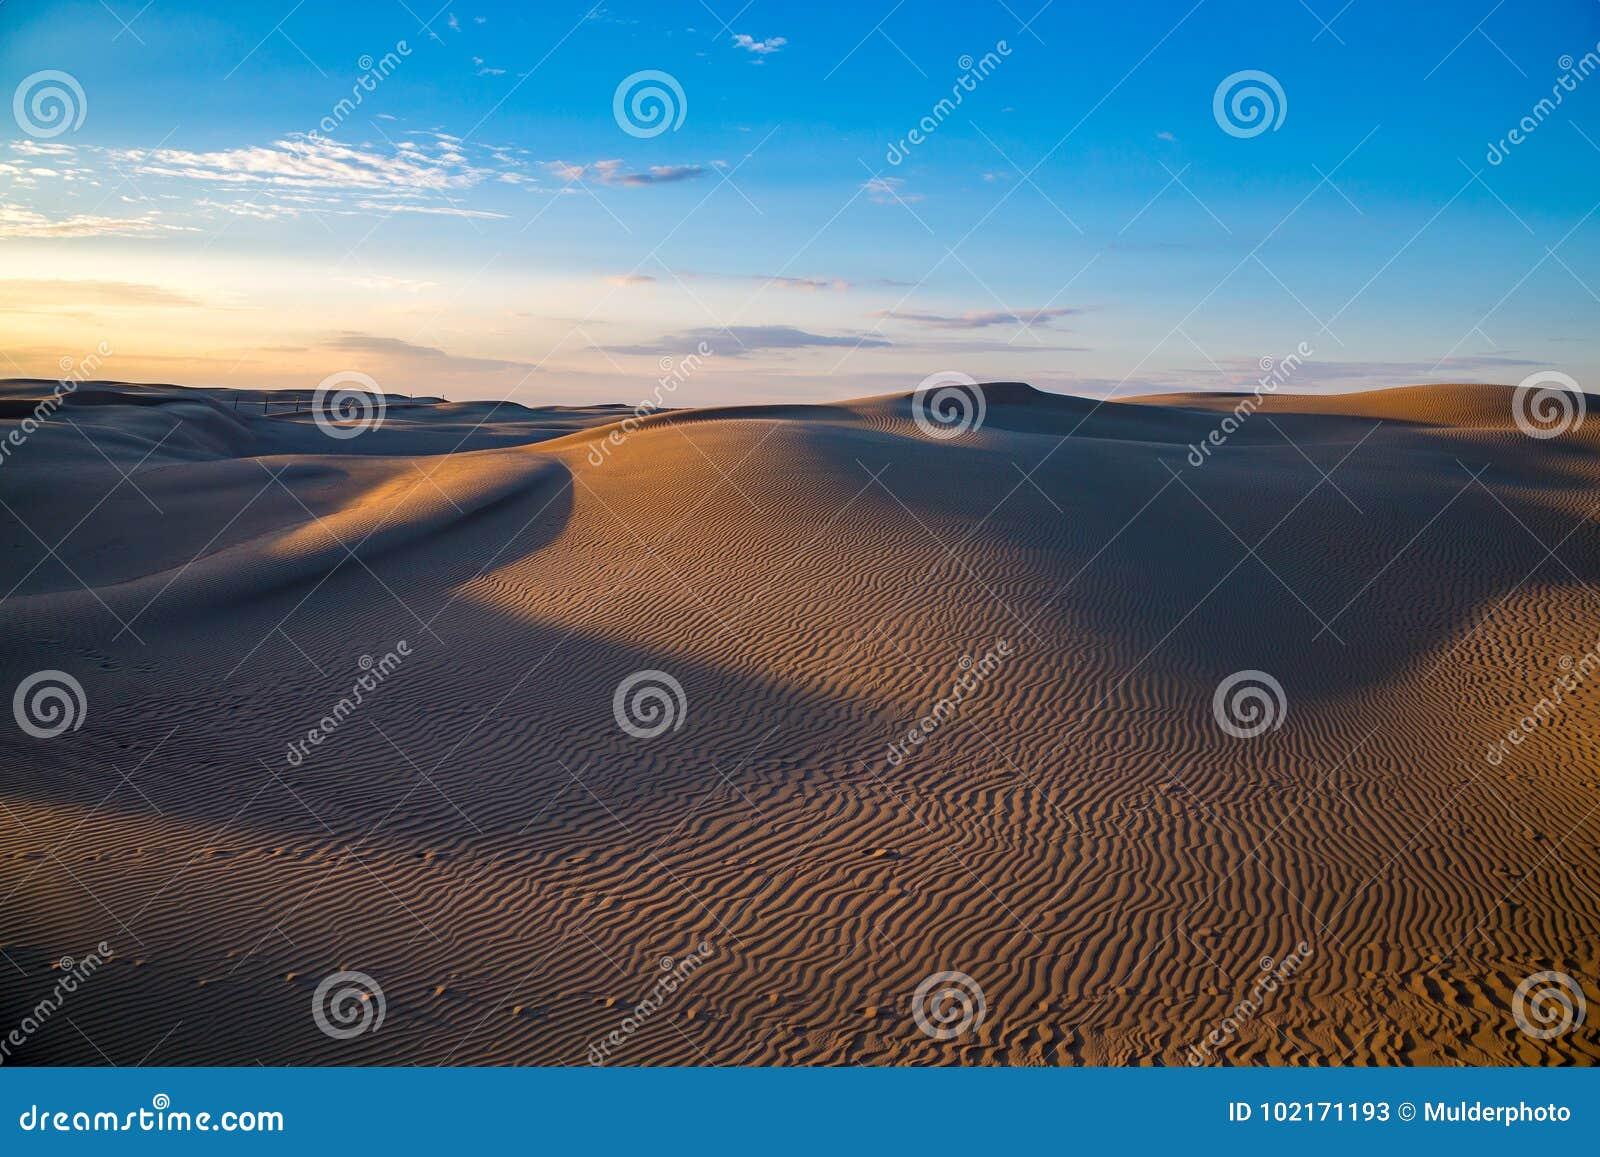 Natürliche schöne Wüstenlandschaft, Sanddünen auf blauem Abendhimmelhintergrund